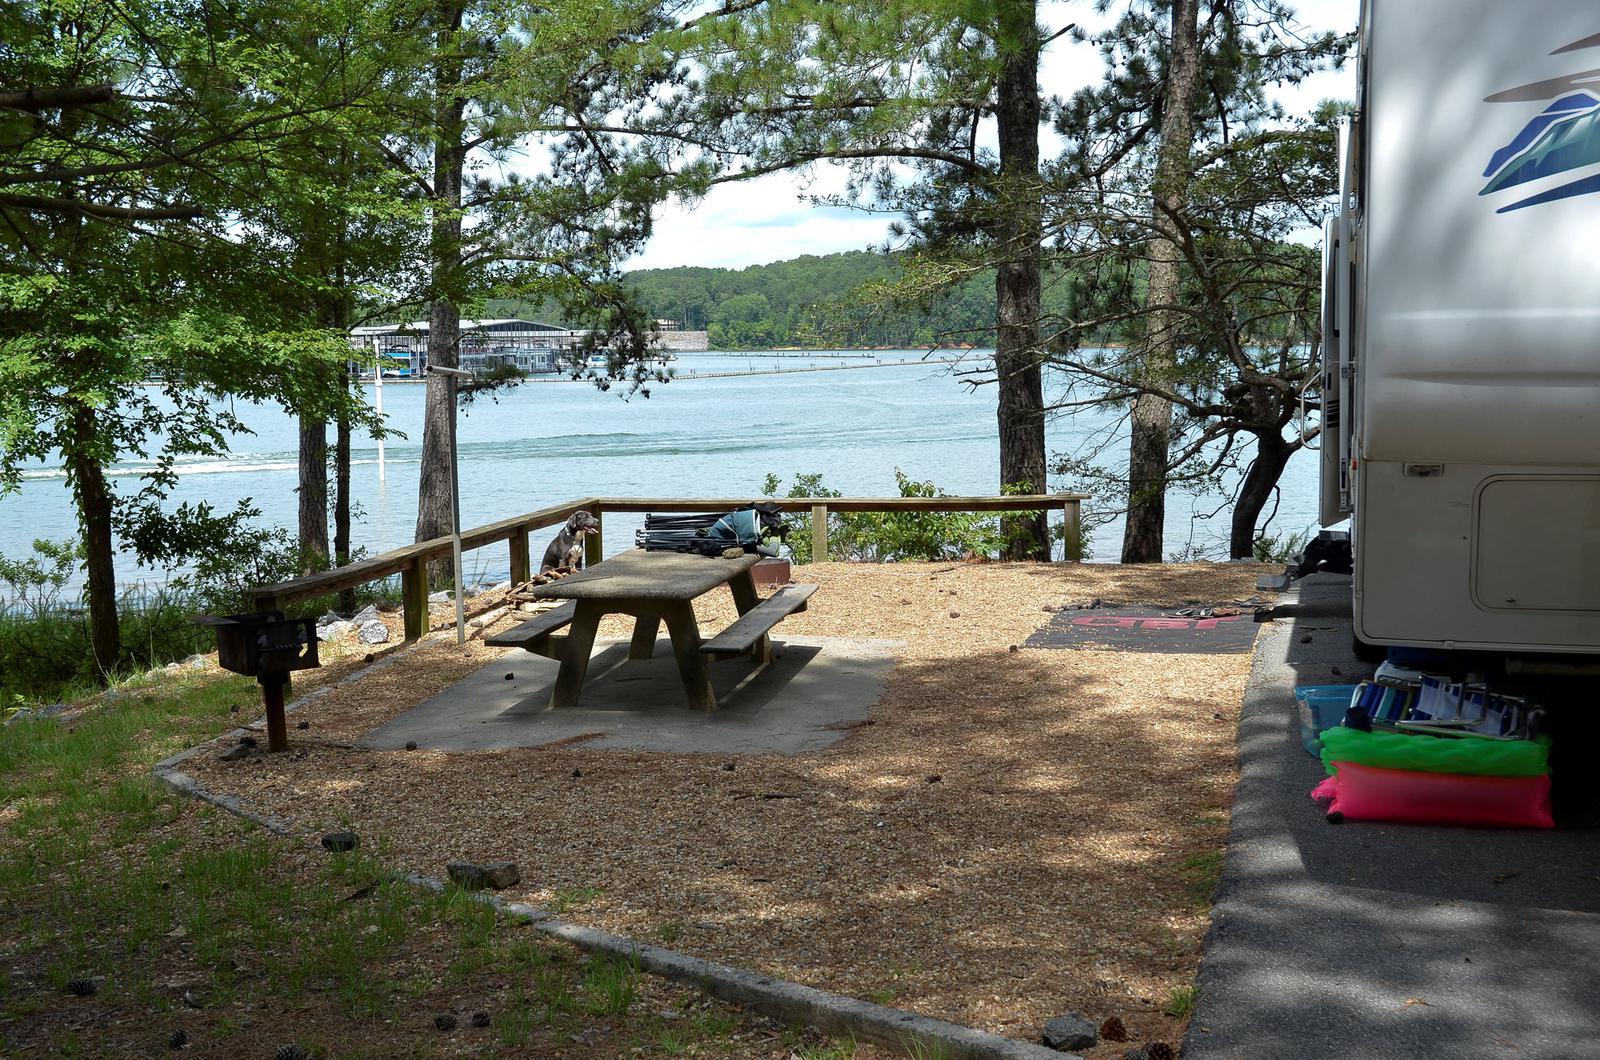 McKinney Campground Site 35